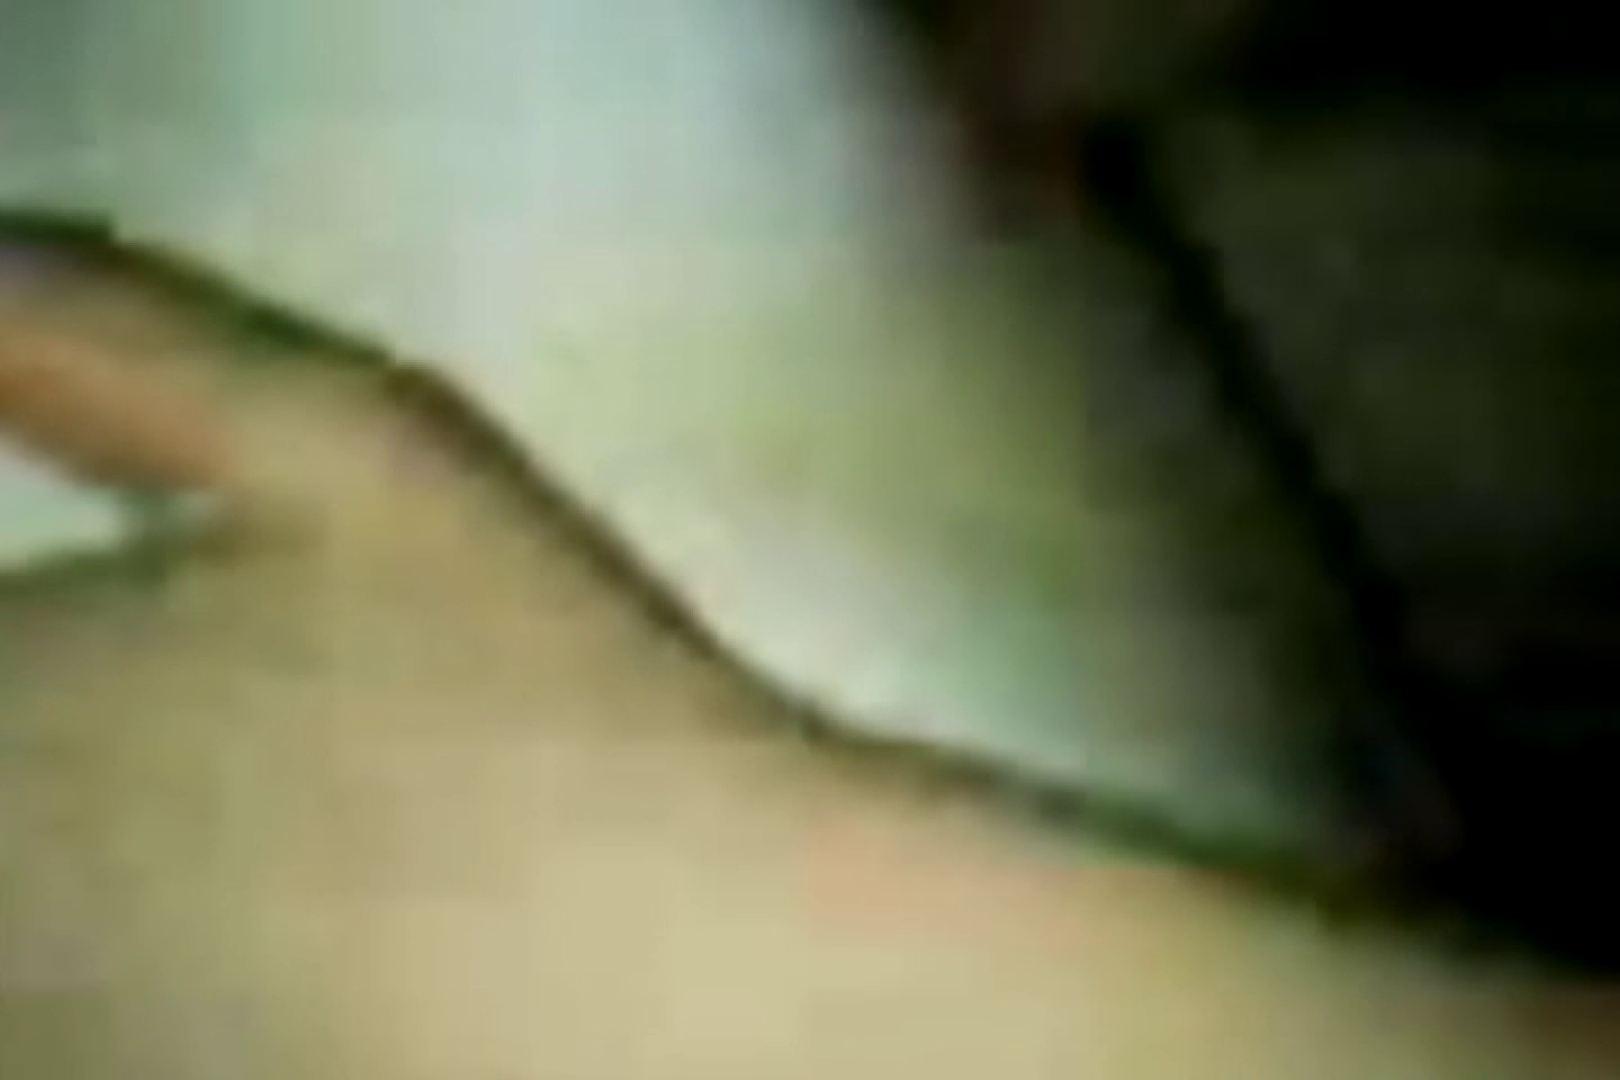 ウイルス流出 串田良祐と小学校教諭のハメ撮りアルバム 流出作品  105pic 102